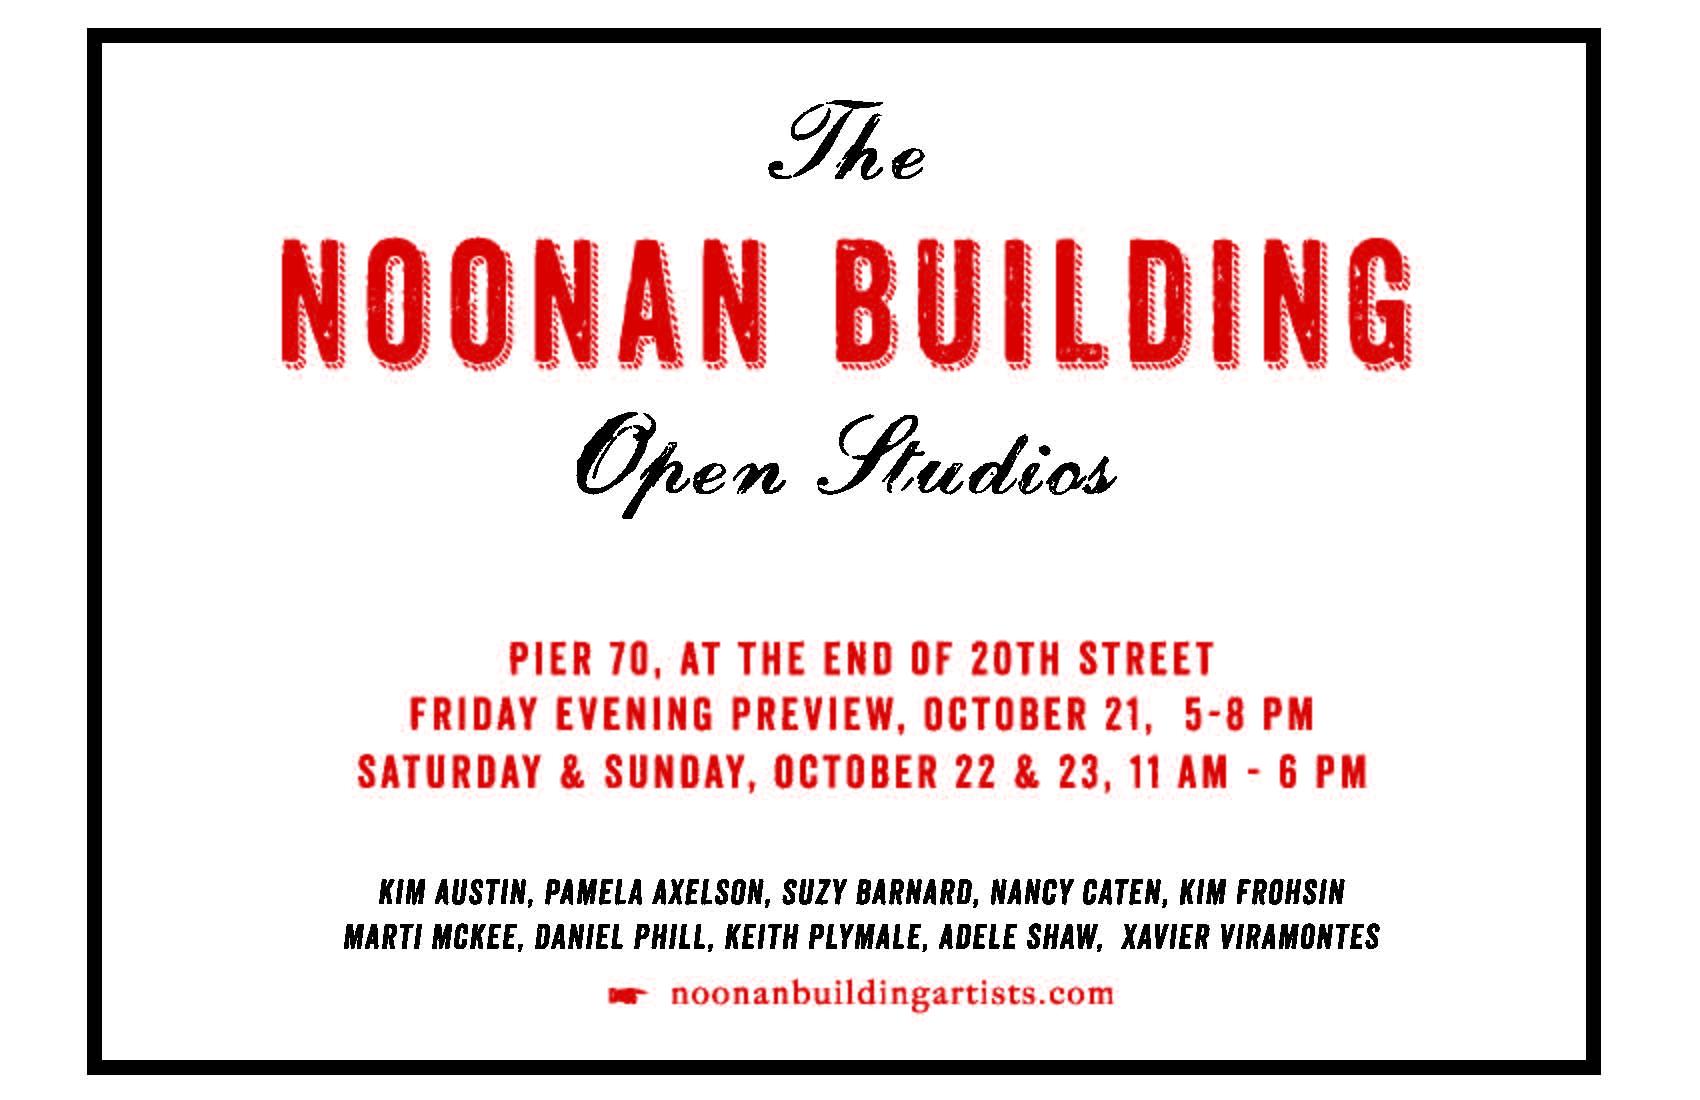 Noonan Building Open Studios